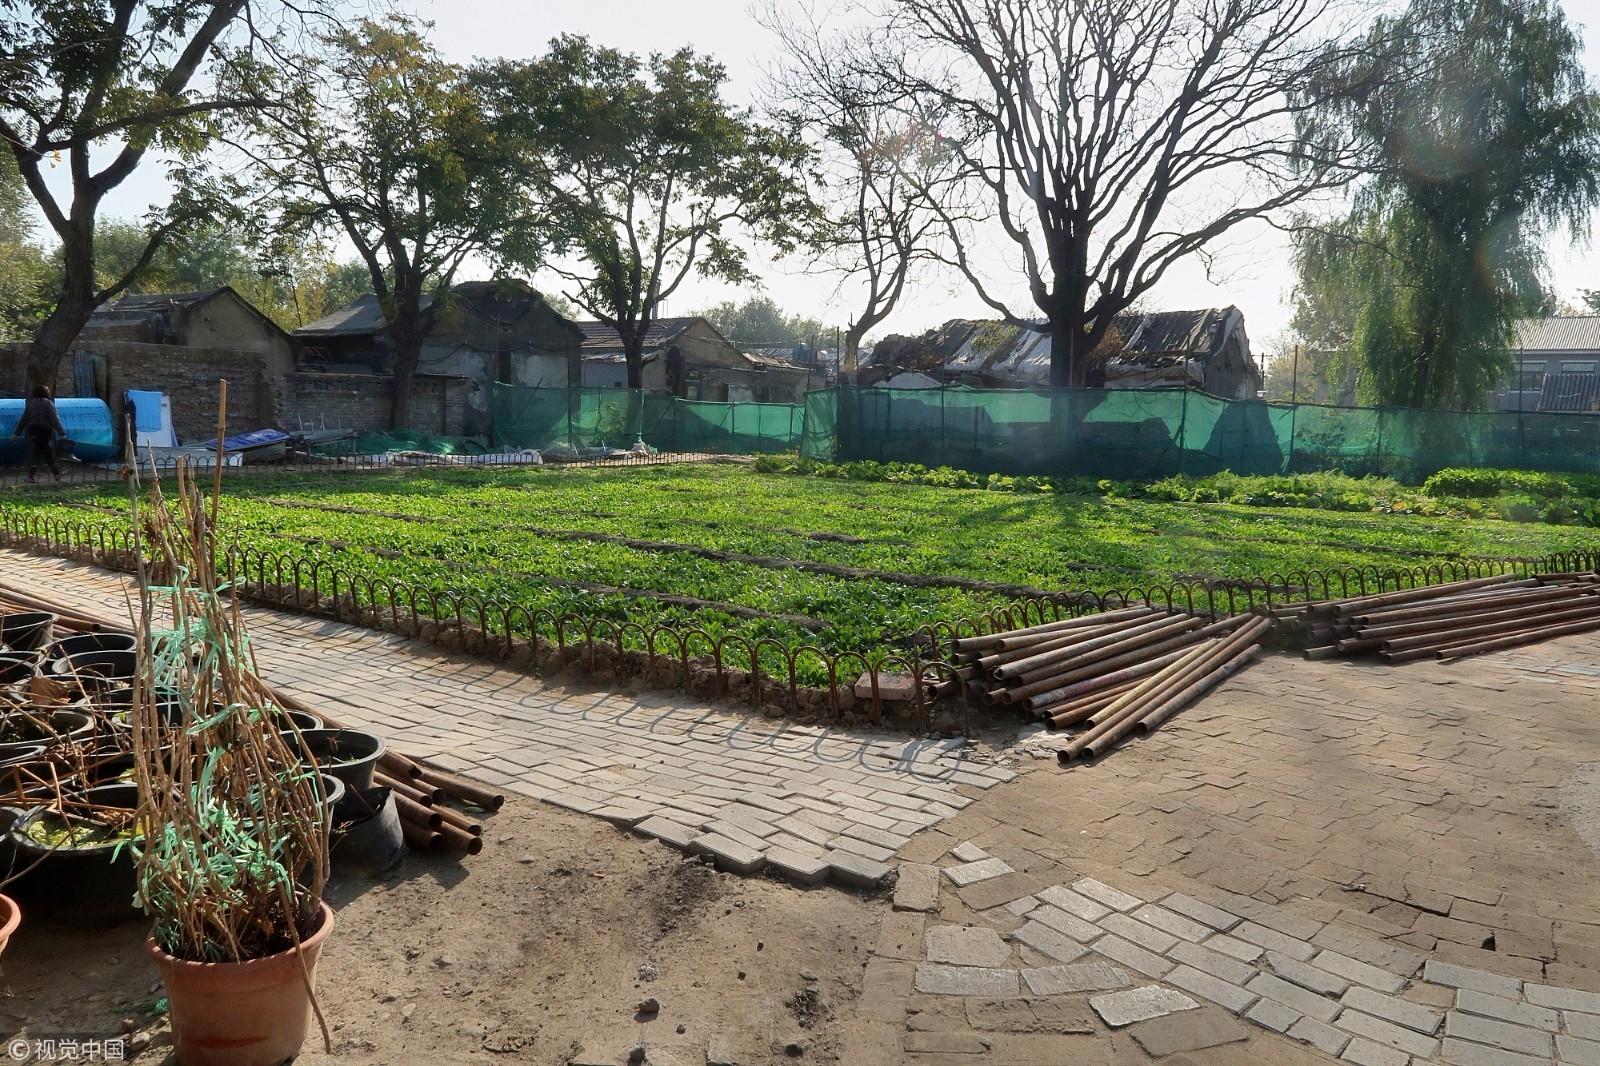 """北京前门现""""黄金菜地"""" 所处地段房价每平米超10万! - 周公乐 - xinhua8848 的博客"""